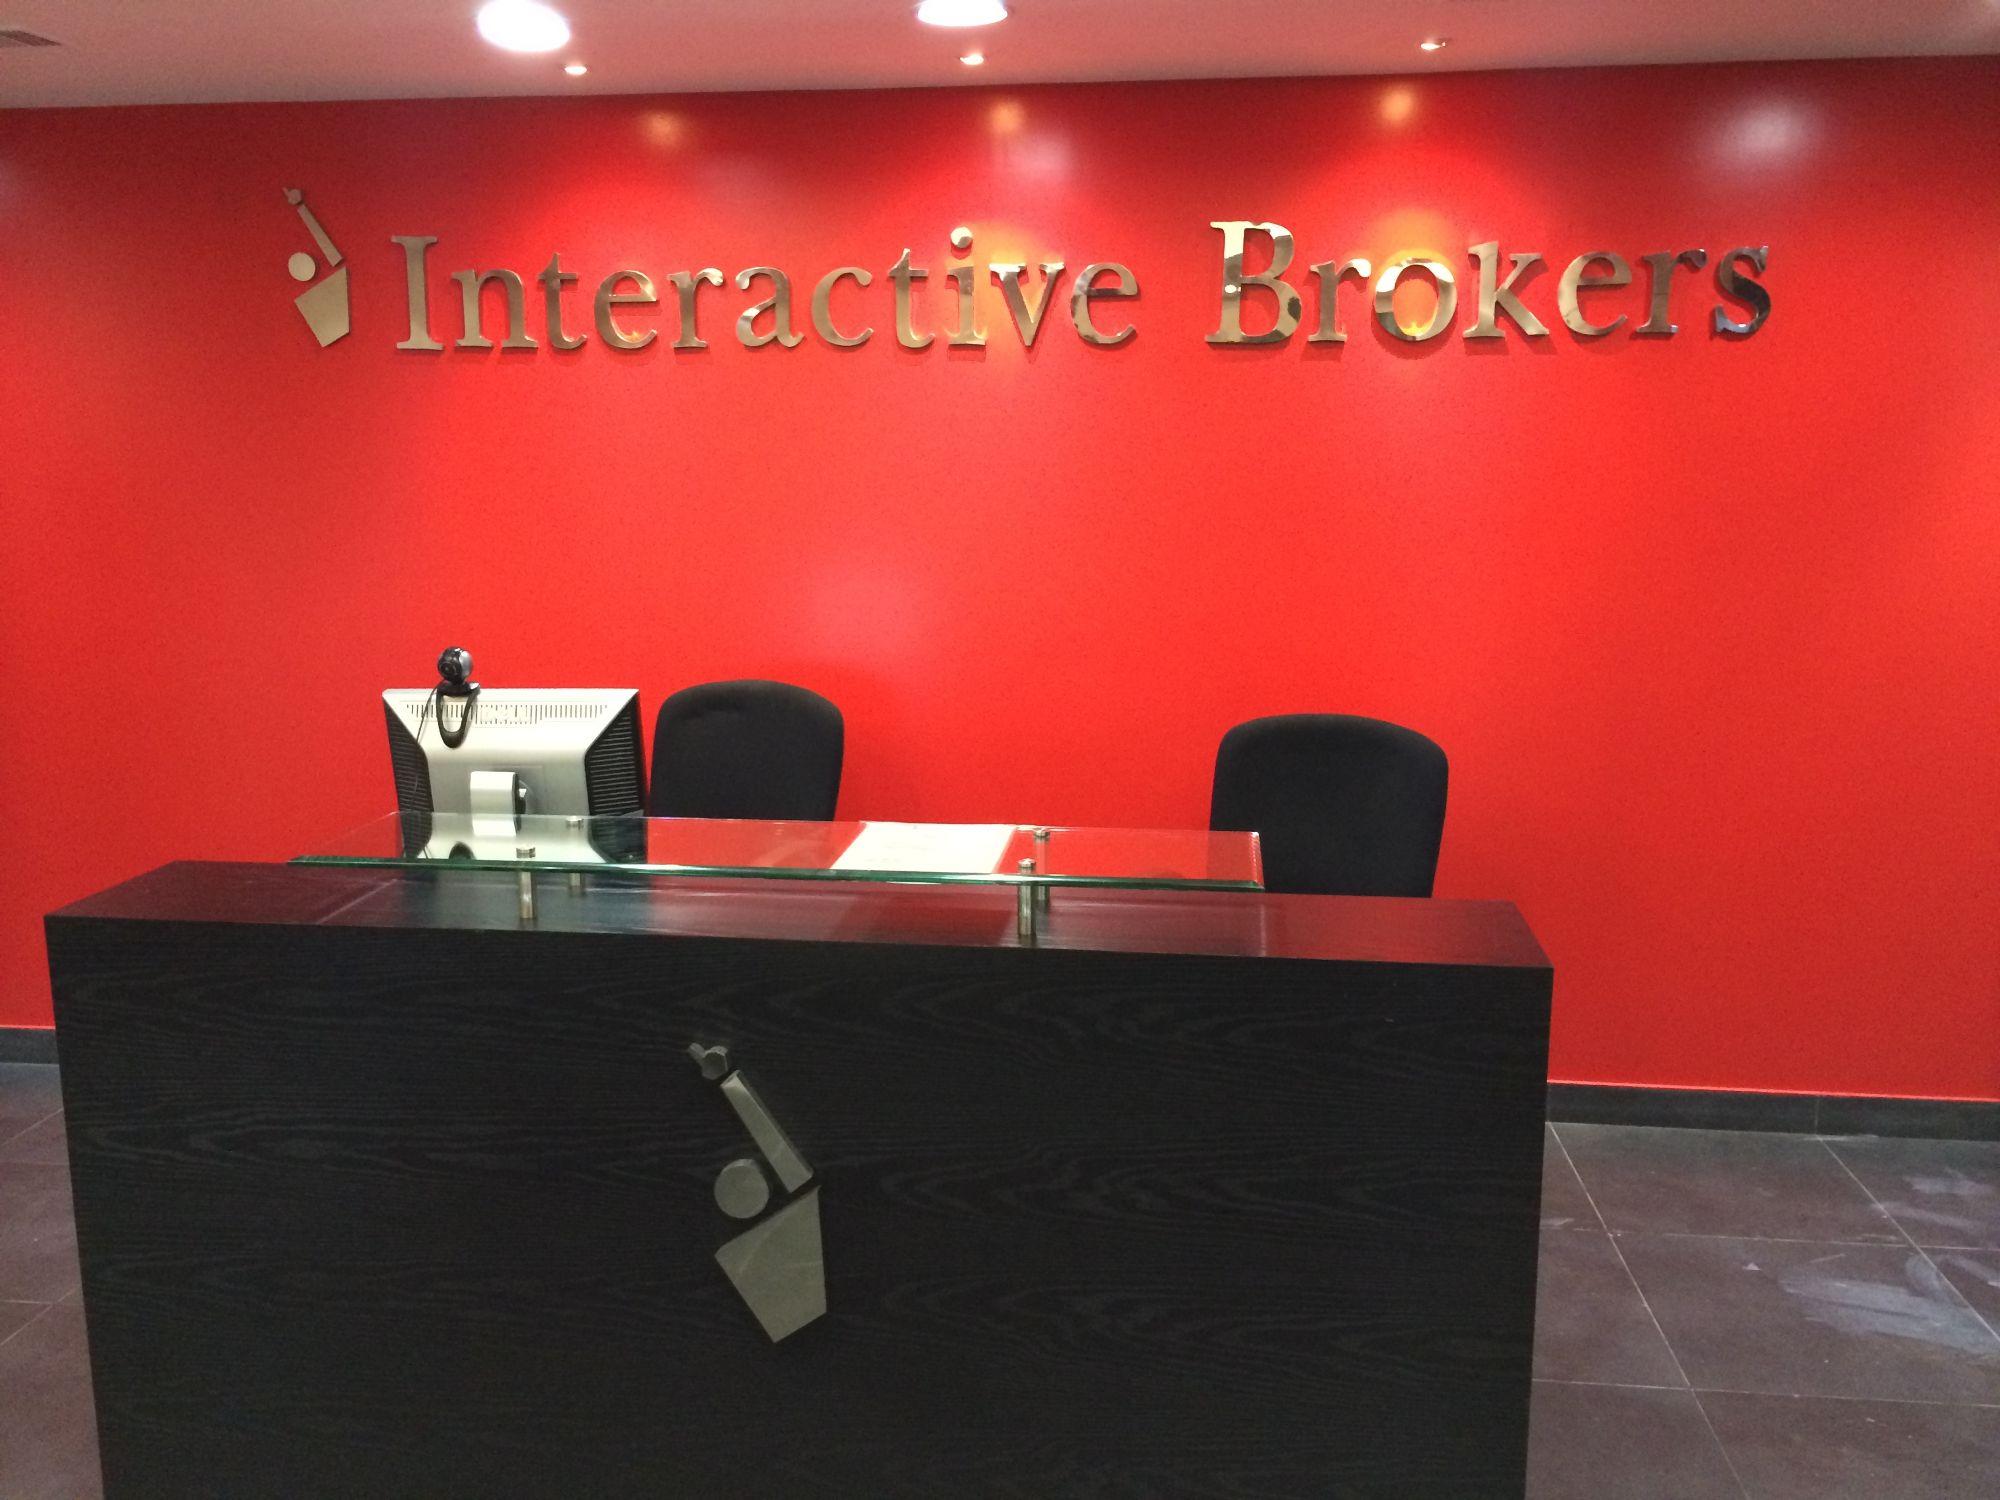 Working At Interactive Brokers - Zippia